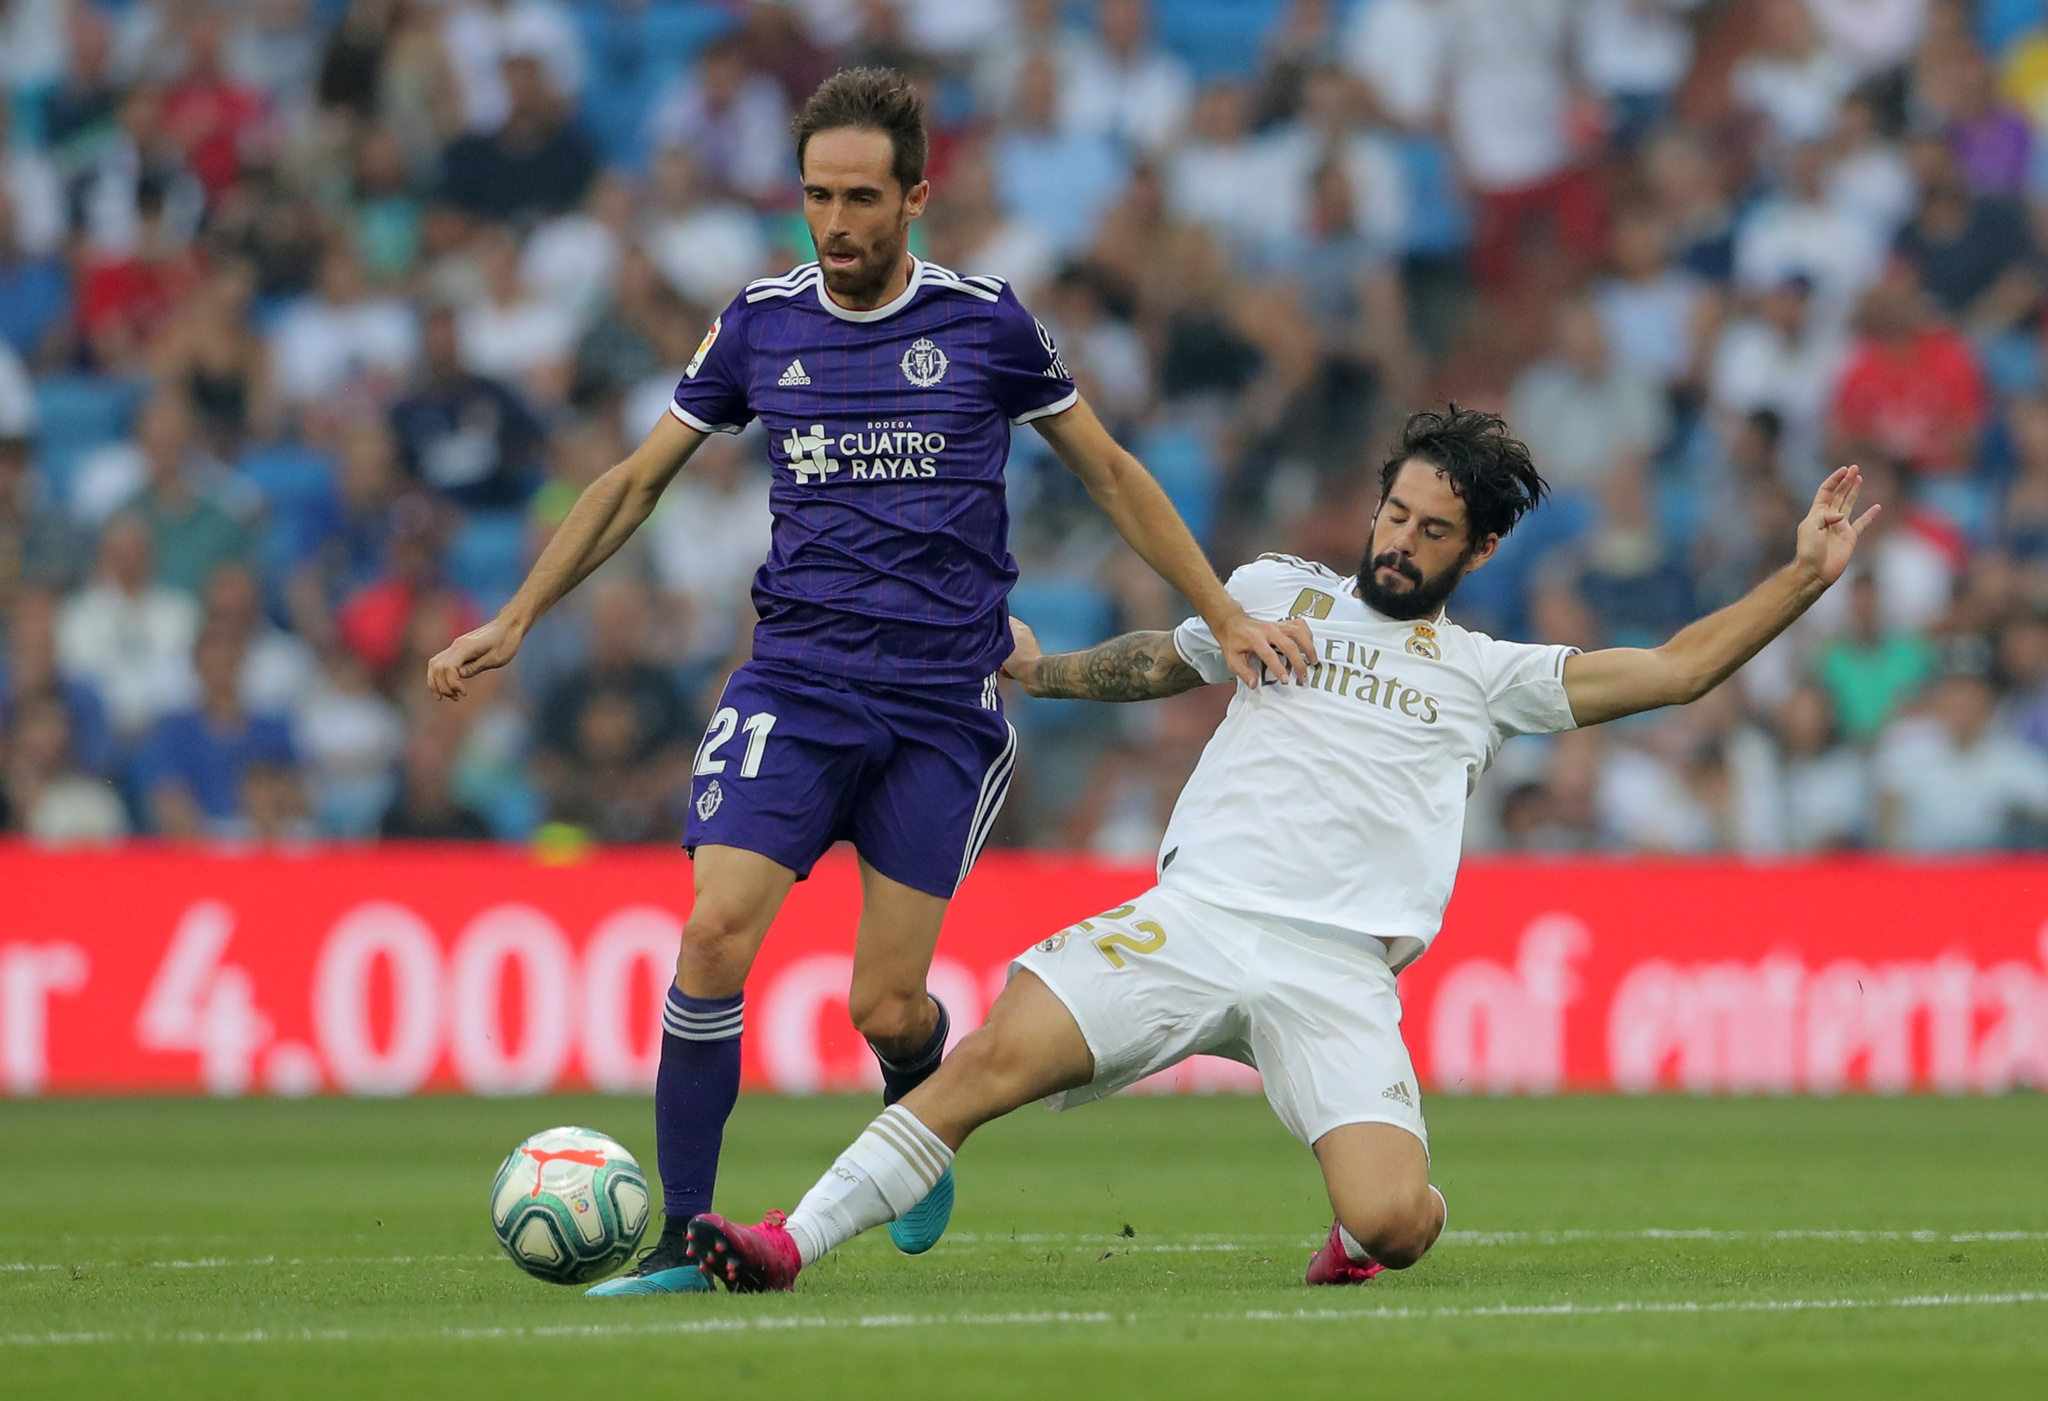 La Liga Santander - Real Madrid v Real Valladolid